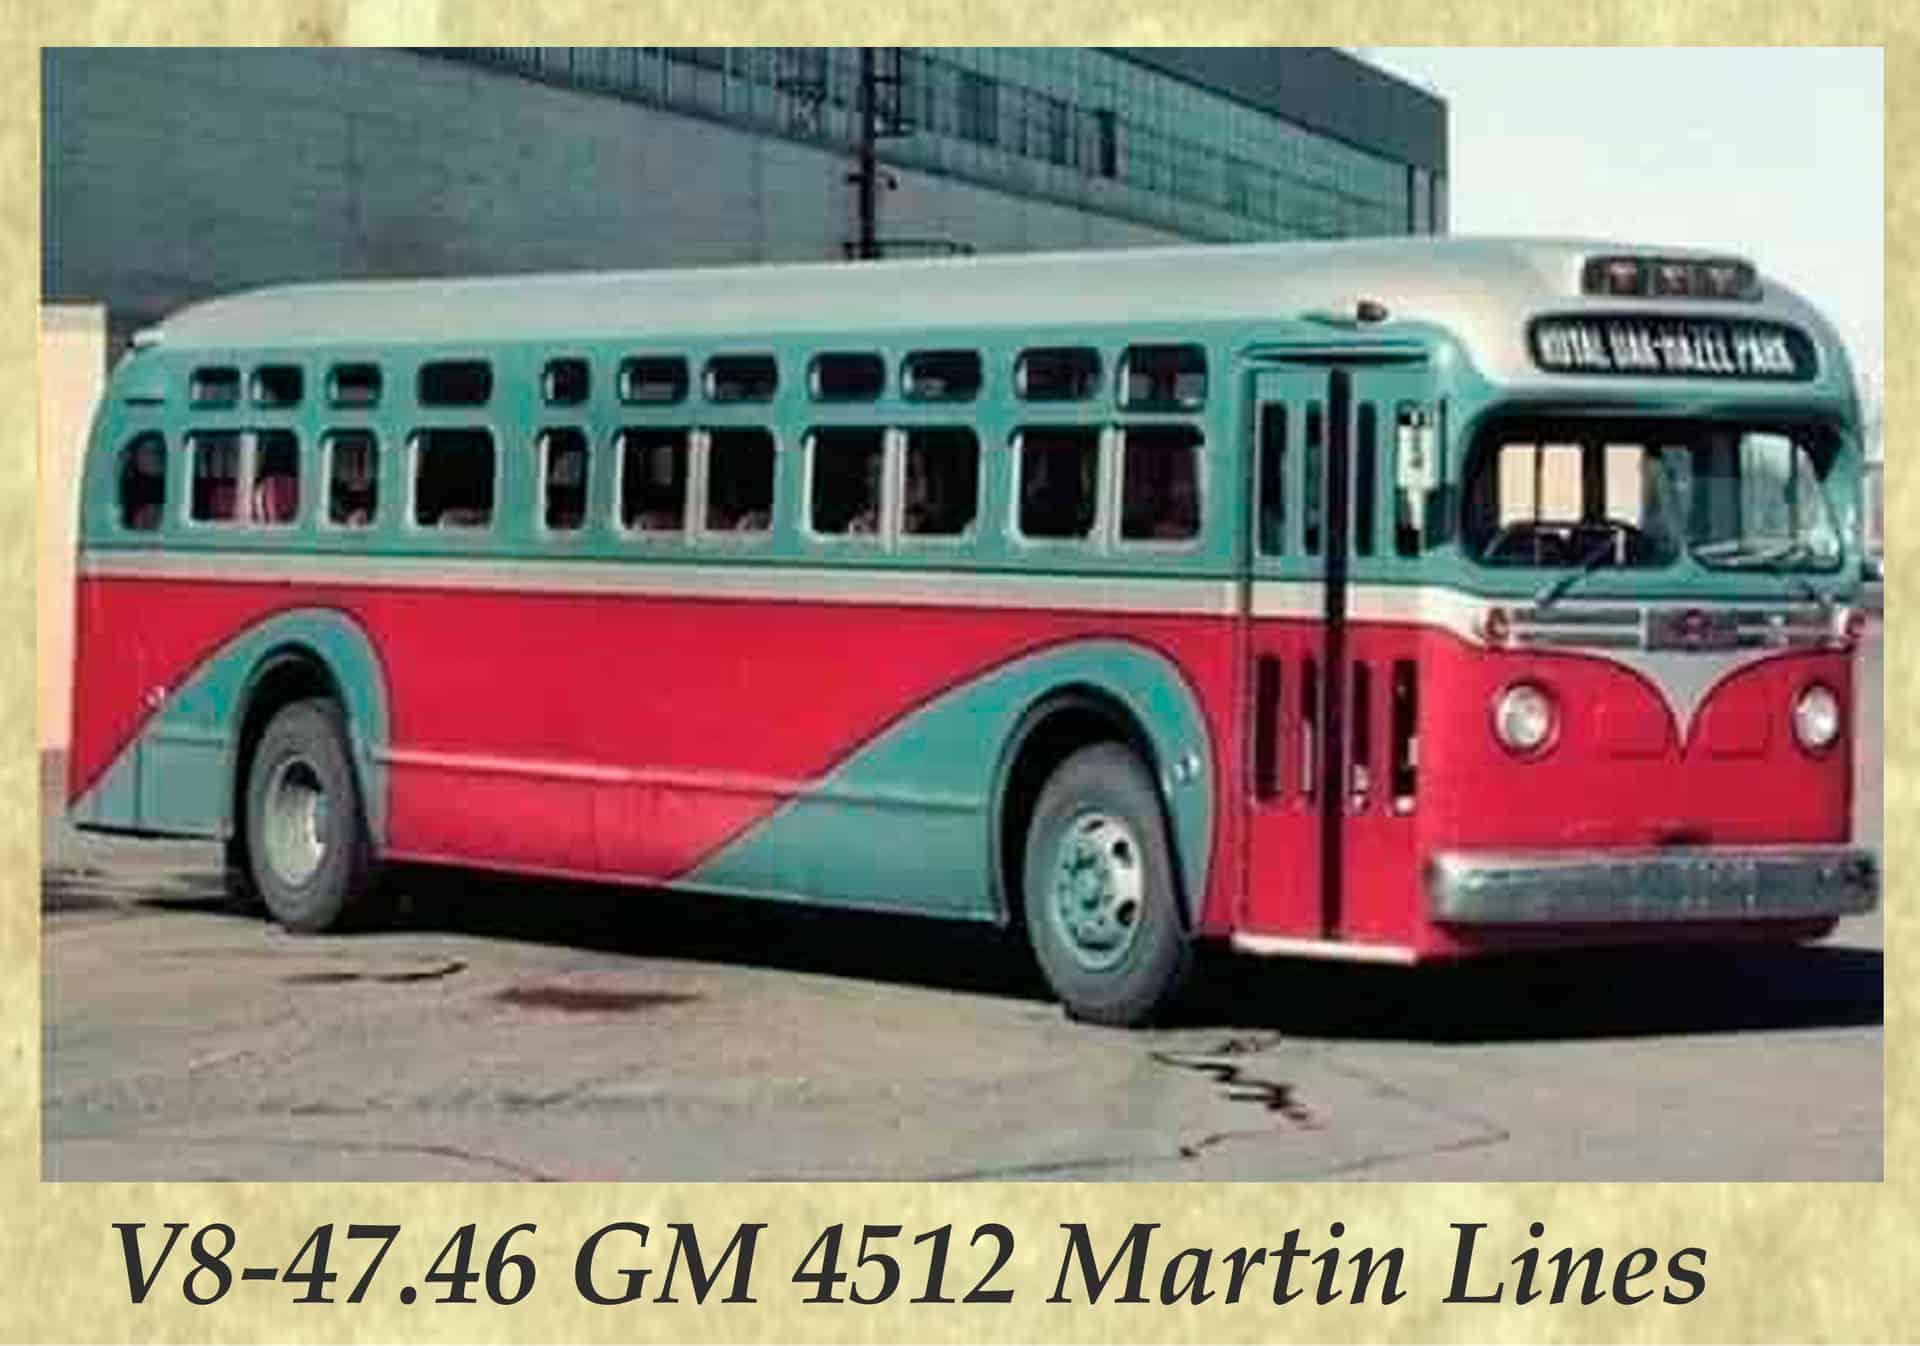 V8-47.46 GM 4512 Martin Lines